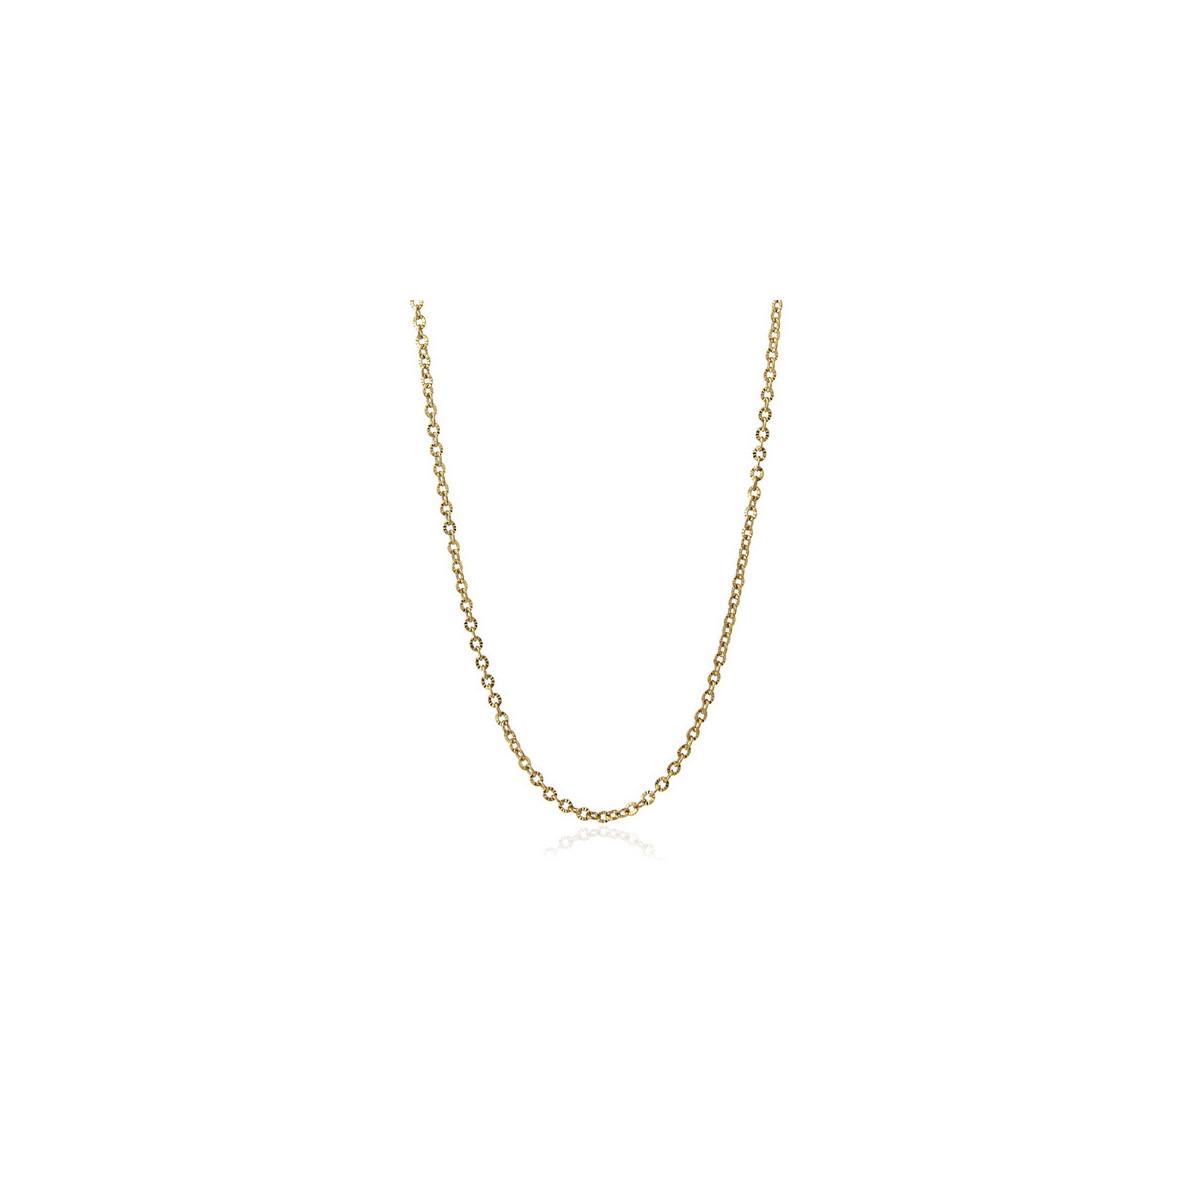 Collar Anartxy Dorado BCO124D